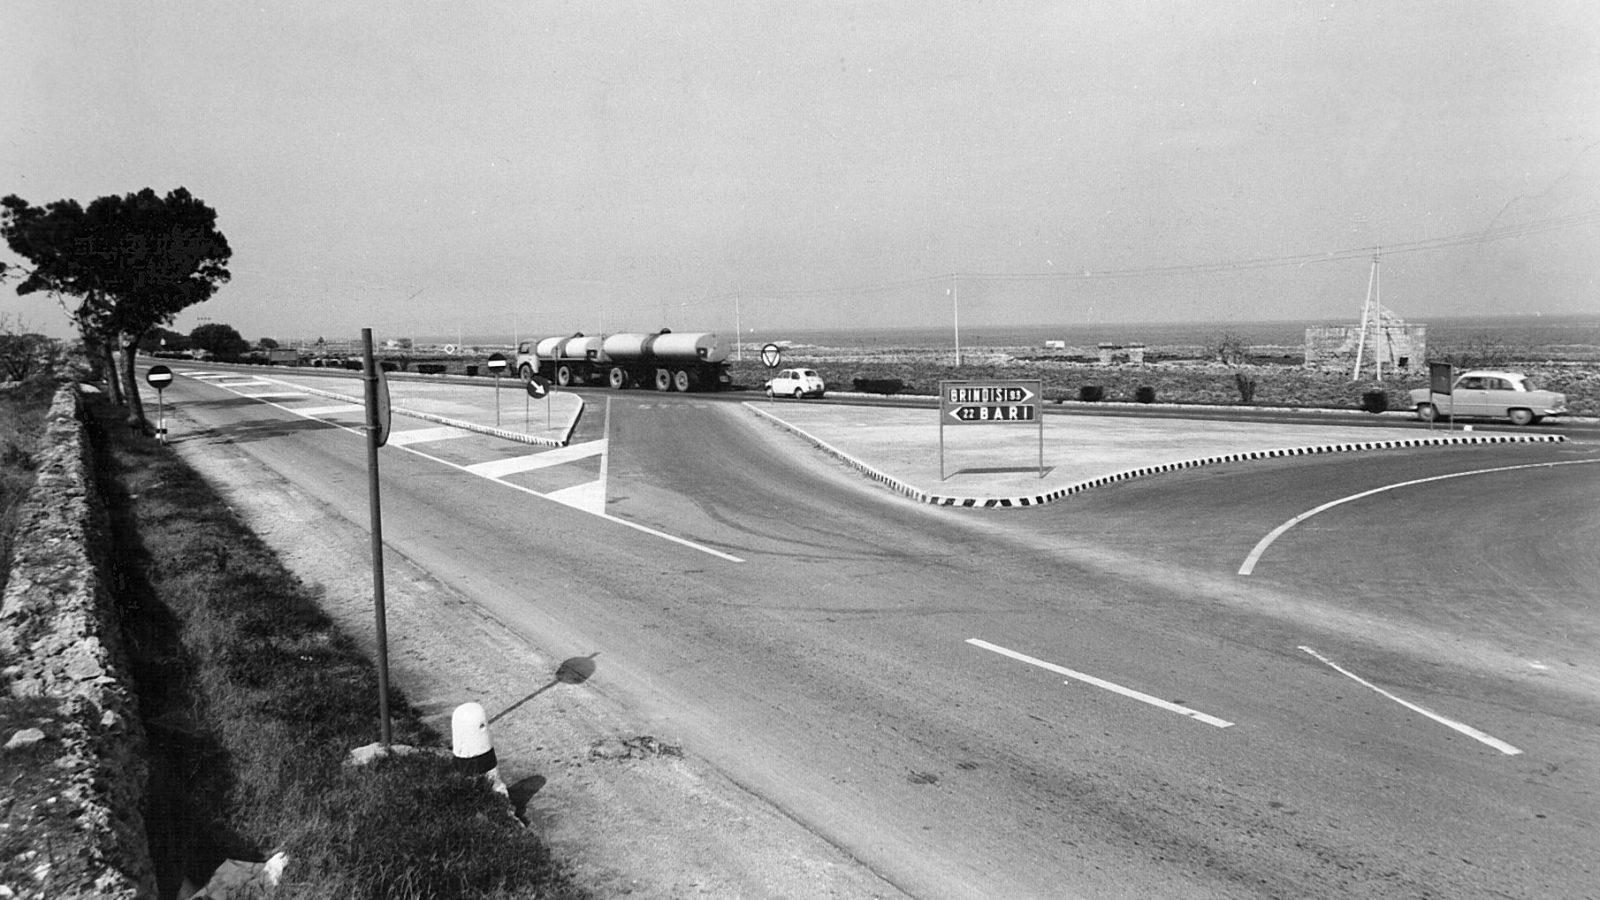 """Puglia, strada statale 16 """"Adriatica, incrocio presso Mola di Bari, 1962 (Archivio storico Anas)"""